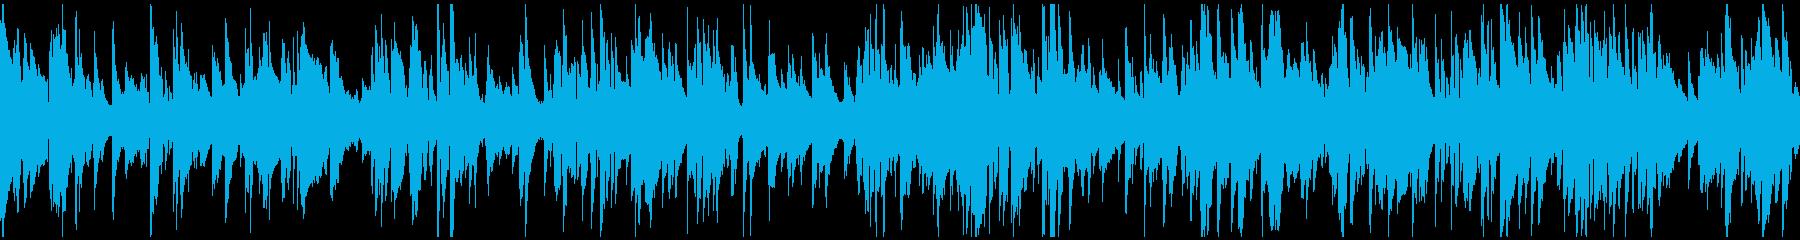 めちゃ渋い紳士的ジャズバラード※ループ版の再生済みの波形